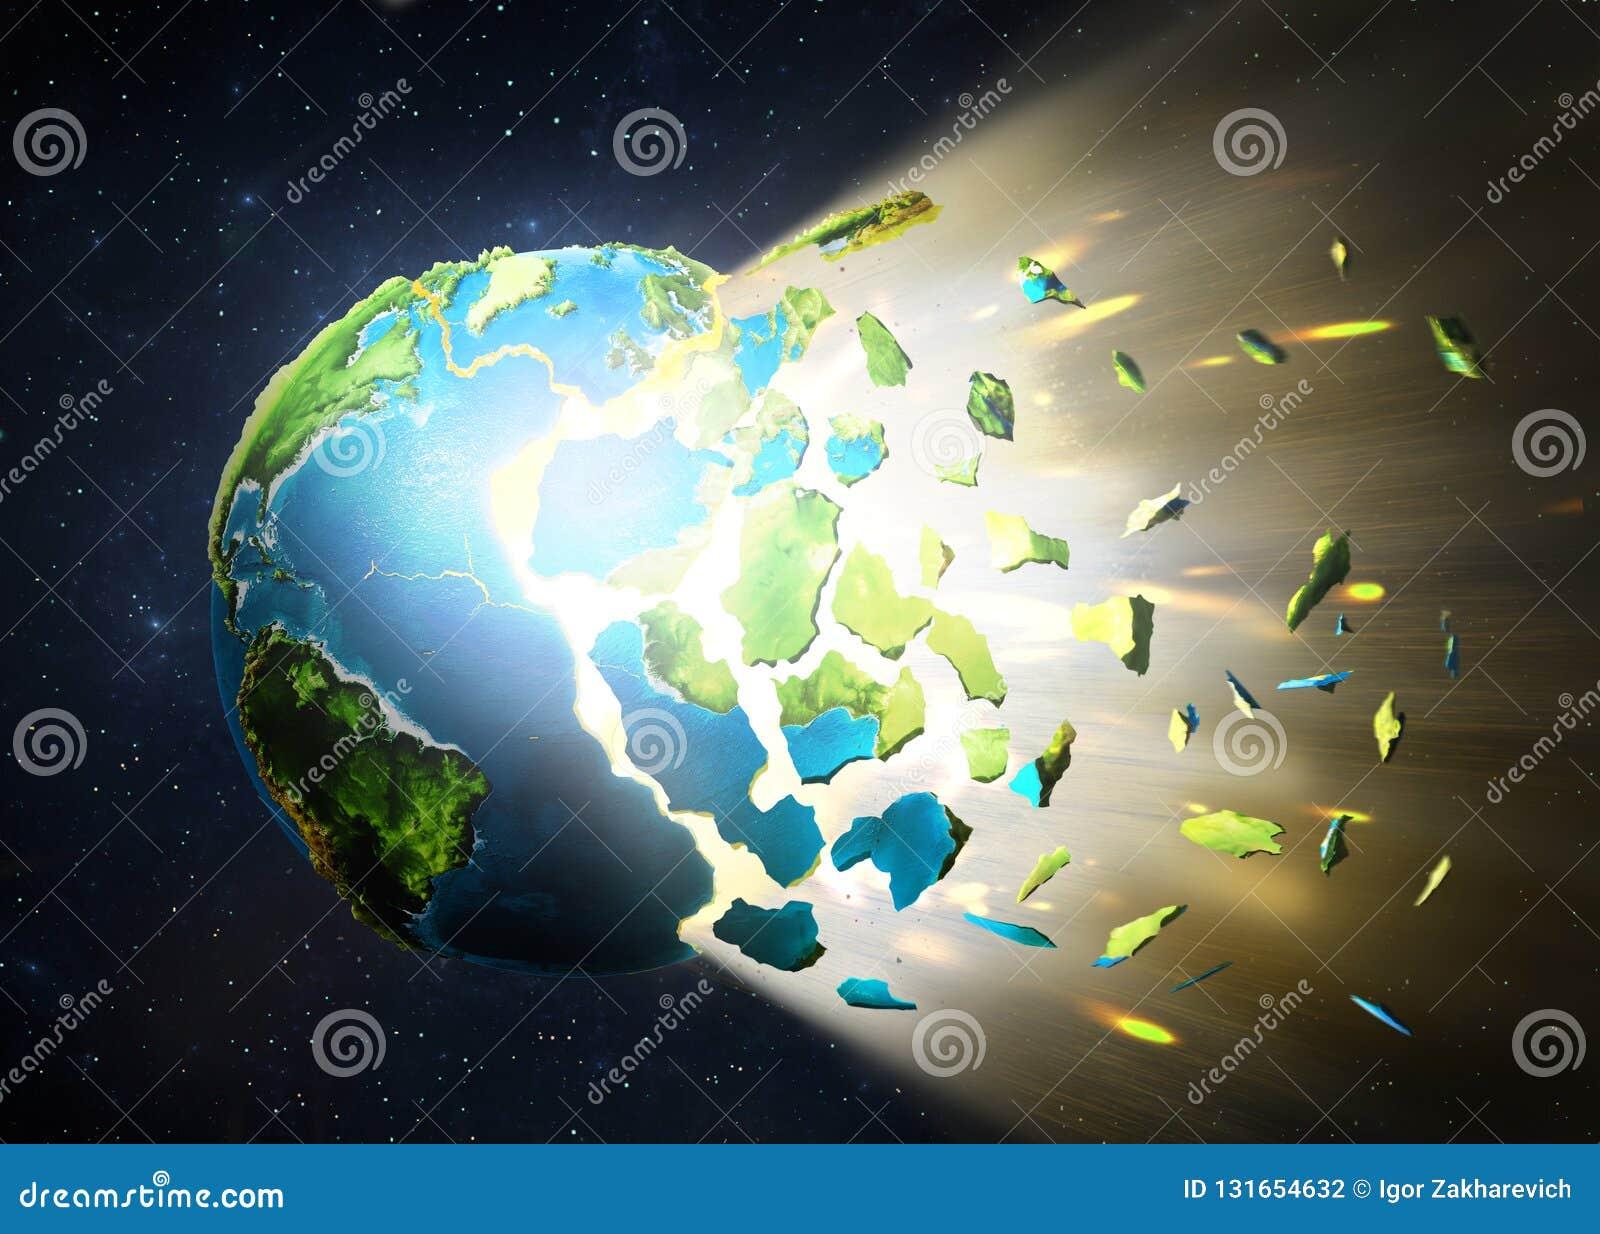 Planeta wybucha, rozpraszający w kawałki na przestrzeni